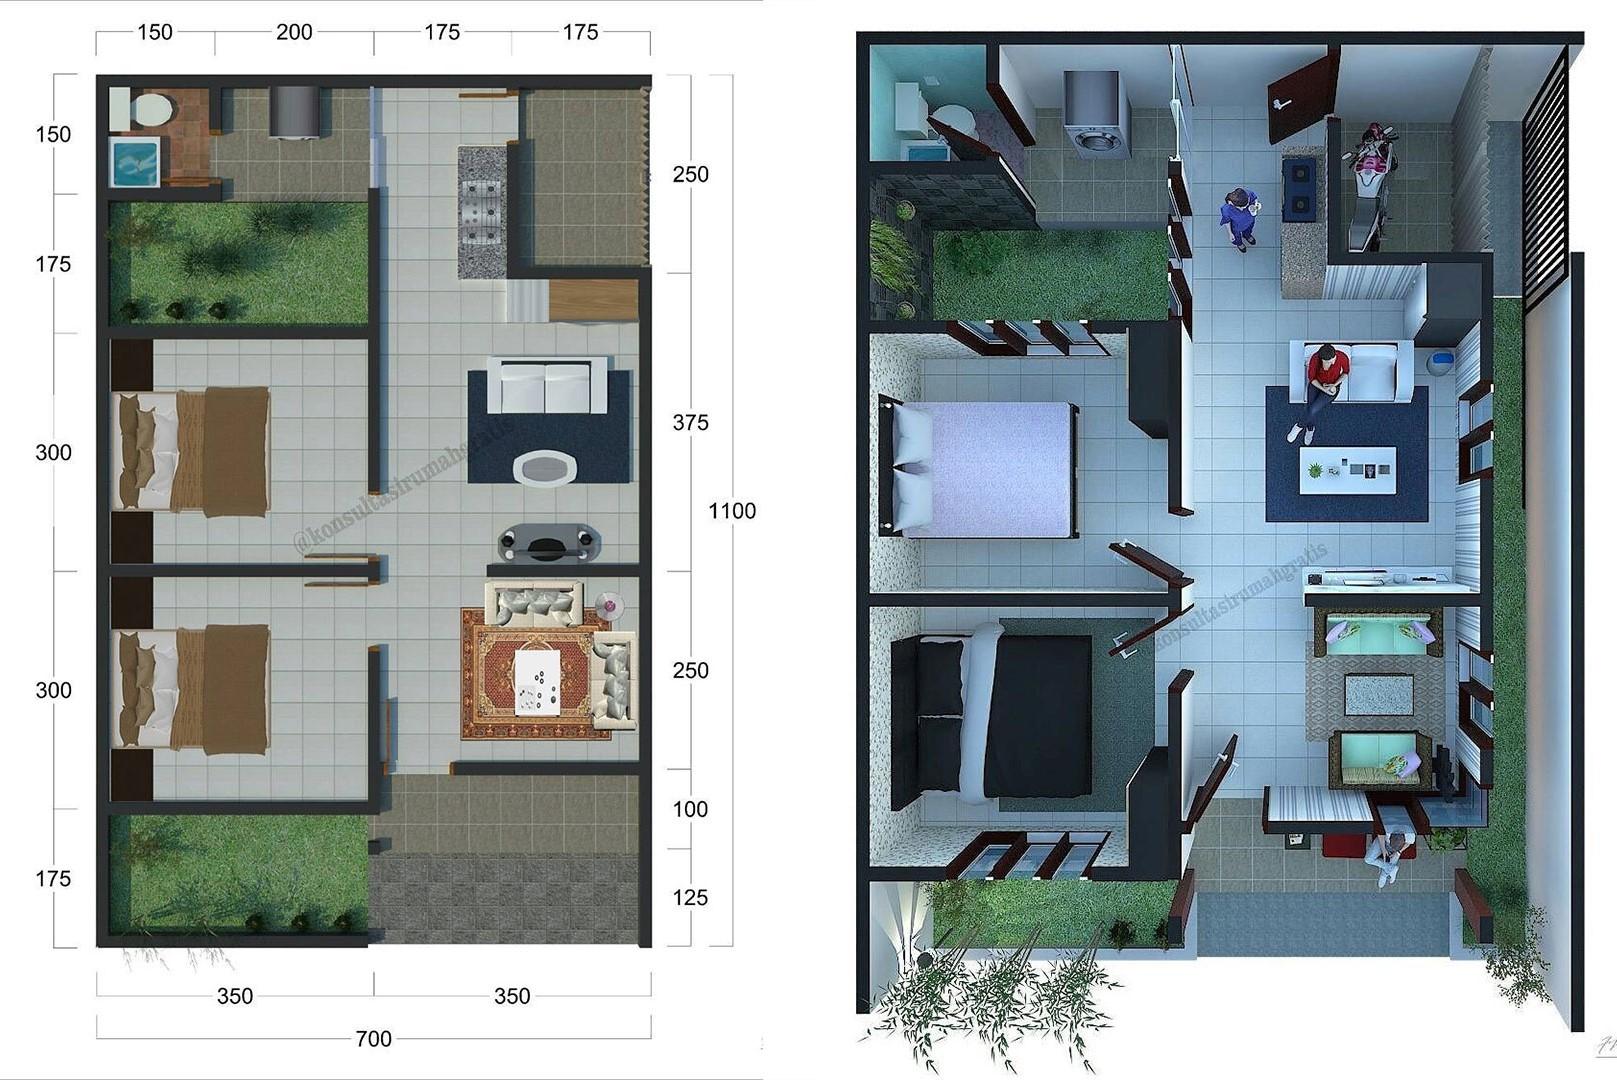 Kumpulan 48 Gambar Desain Rumah Kecil Sederhana 3d Terbaik Desain